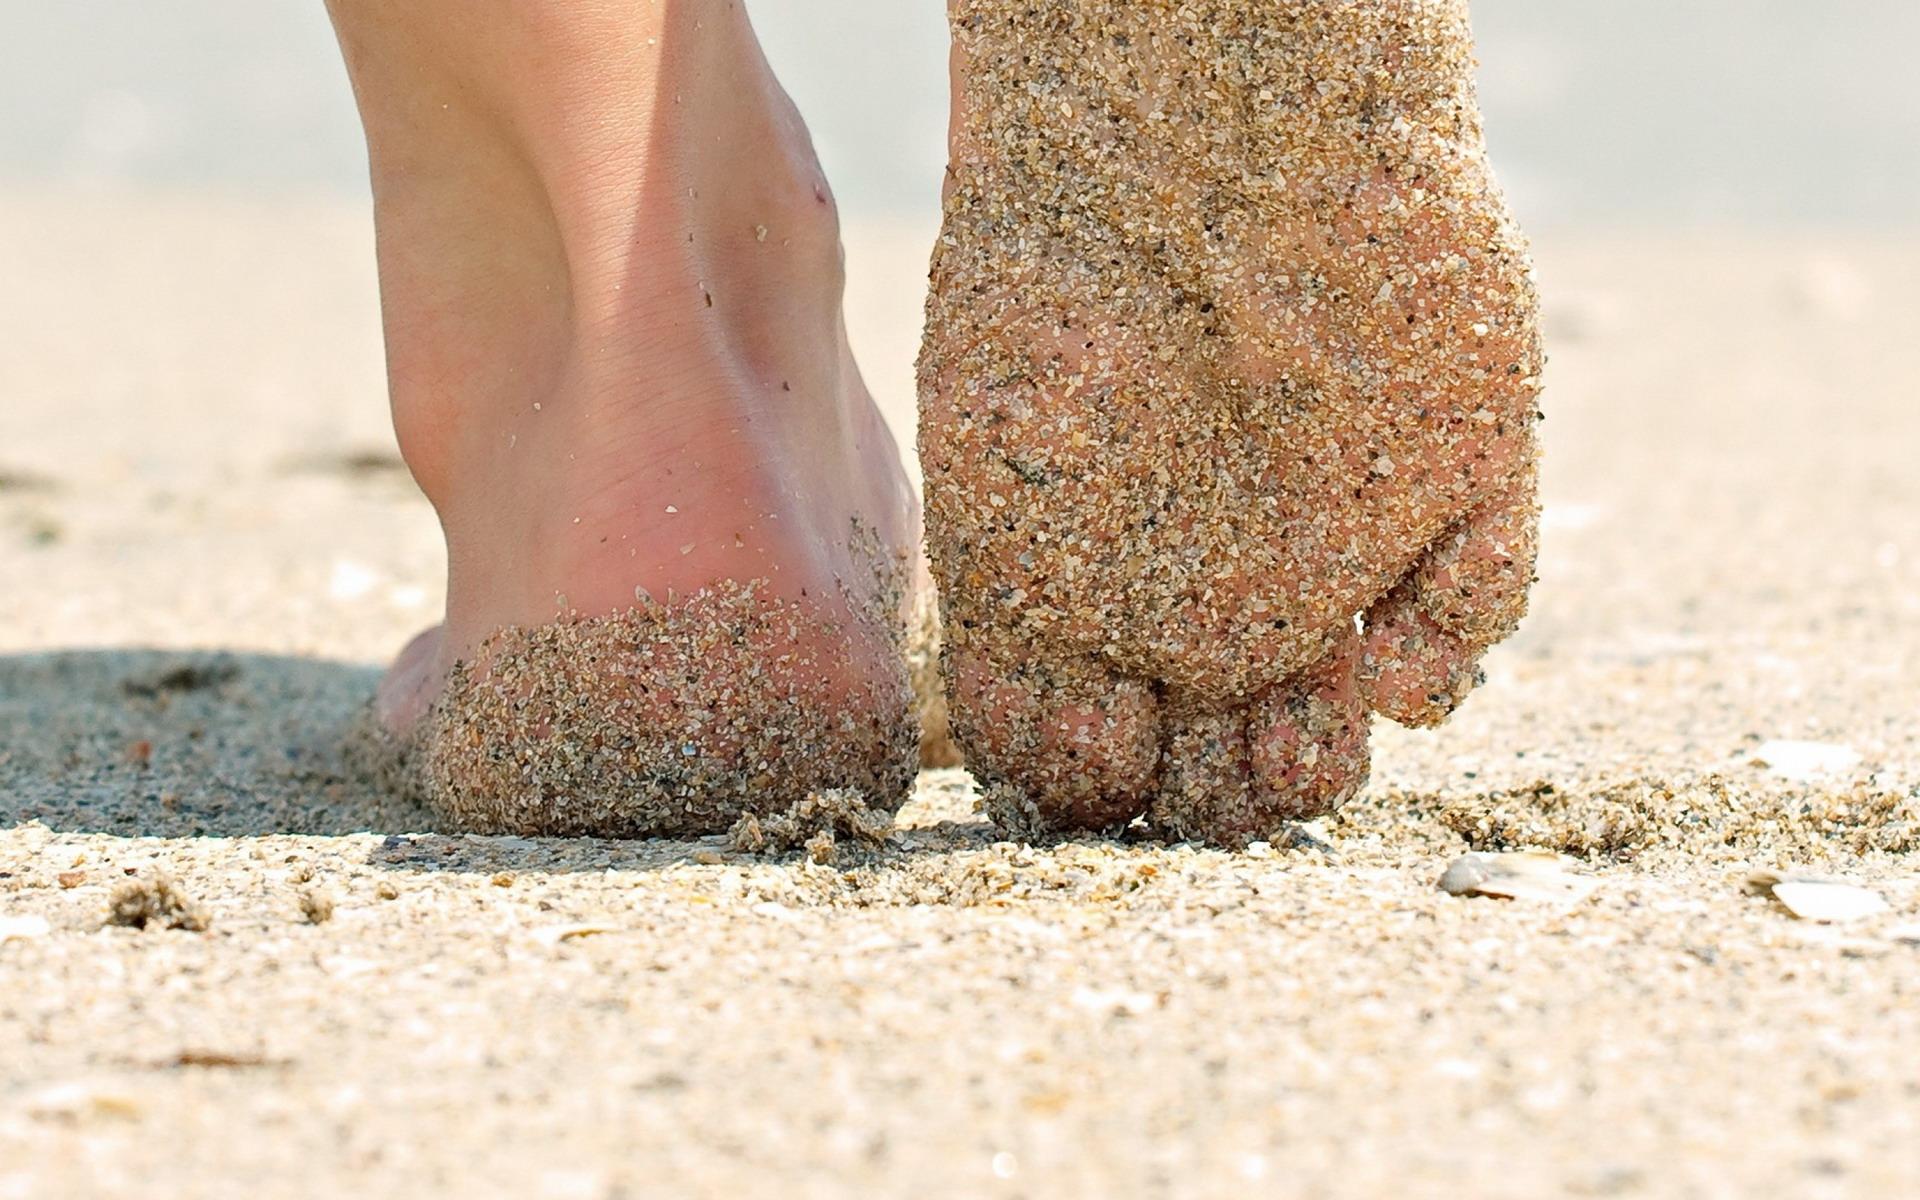 Φυσικές συνταγές για ξηρά πόδια και σκασμένες φτέρνες